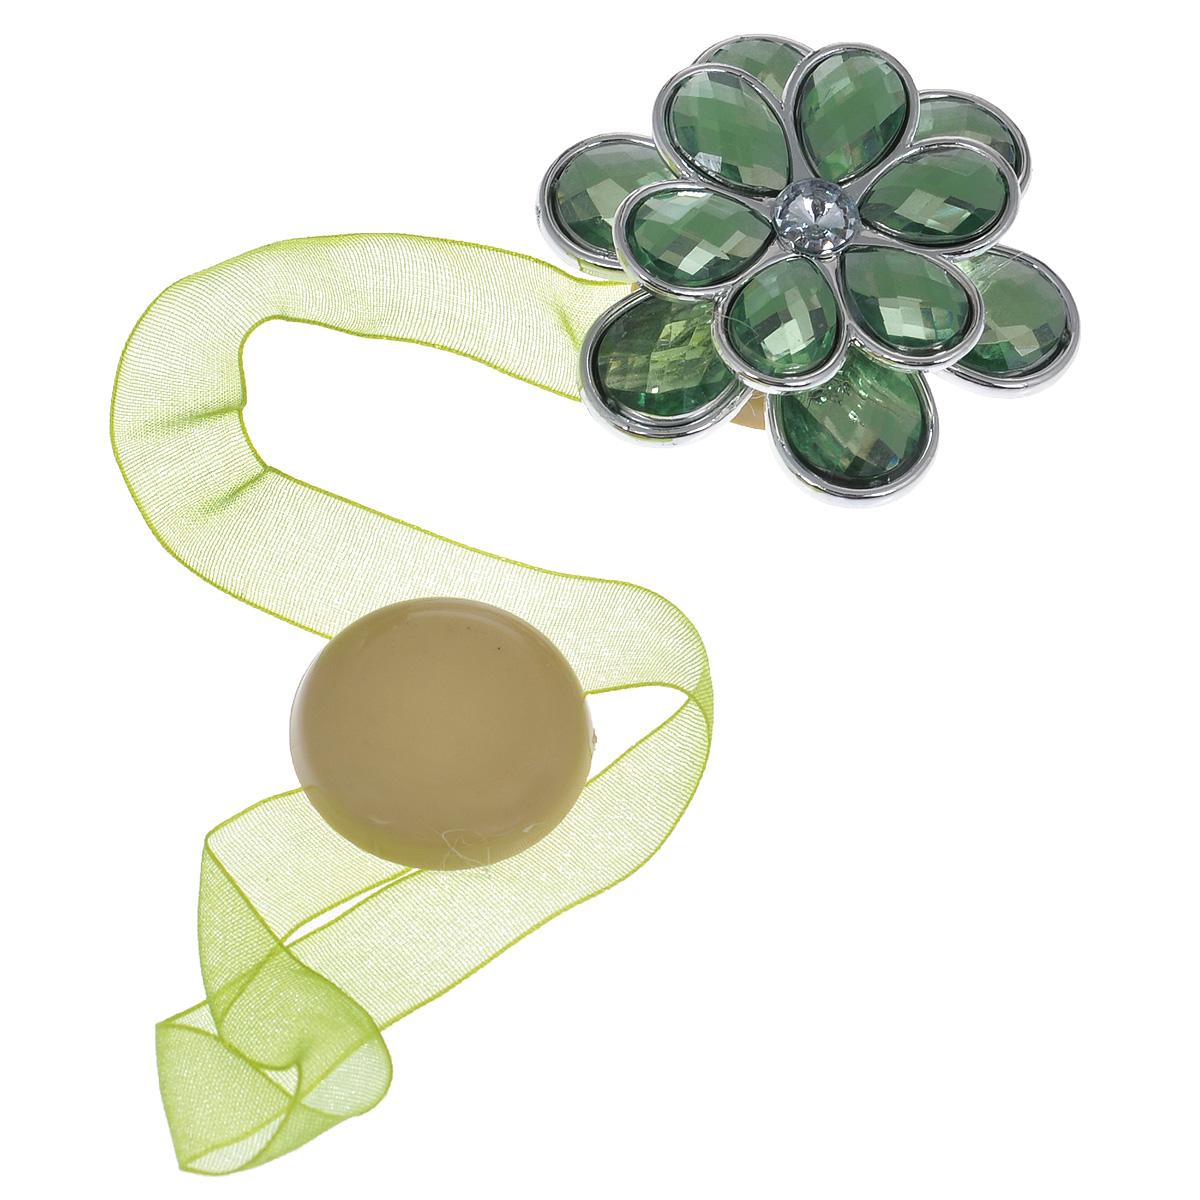 Клипса-магнит для штор Calamita Fiore, цвет: светло-зеленый. 7704021_8447704021_844Клипса-магнит Calamita Fiore, изготовленная из пластика и текстиля, предназначена для придания формы шторам. Изделие представляет собой два магнита, расположенных на разных концах текстильной ленты. Один из магнитов оформлен декоративным цветком. С помощью такой магнитной клипсы можно зафиксировать портьеры, придать им требуемое положение, сделать складки симметричными или приблизить портьеры, скрепить их. Клипсы для штор являются универсальным изделием, которое превосходно подойдет как для штор в детской комнате, так и для штор в гостиной. Следует отметить, что клипсы для штор выполняют не только практическую функцию, но также являются одной из основных деталей декора этого изделия, которая придает шторам восхитительный, стильный внешний вид.Диаметр декоративного цветка: 5 см.Диаметр магнита: 2,5 см.Длина ленты: 25 см.